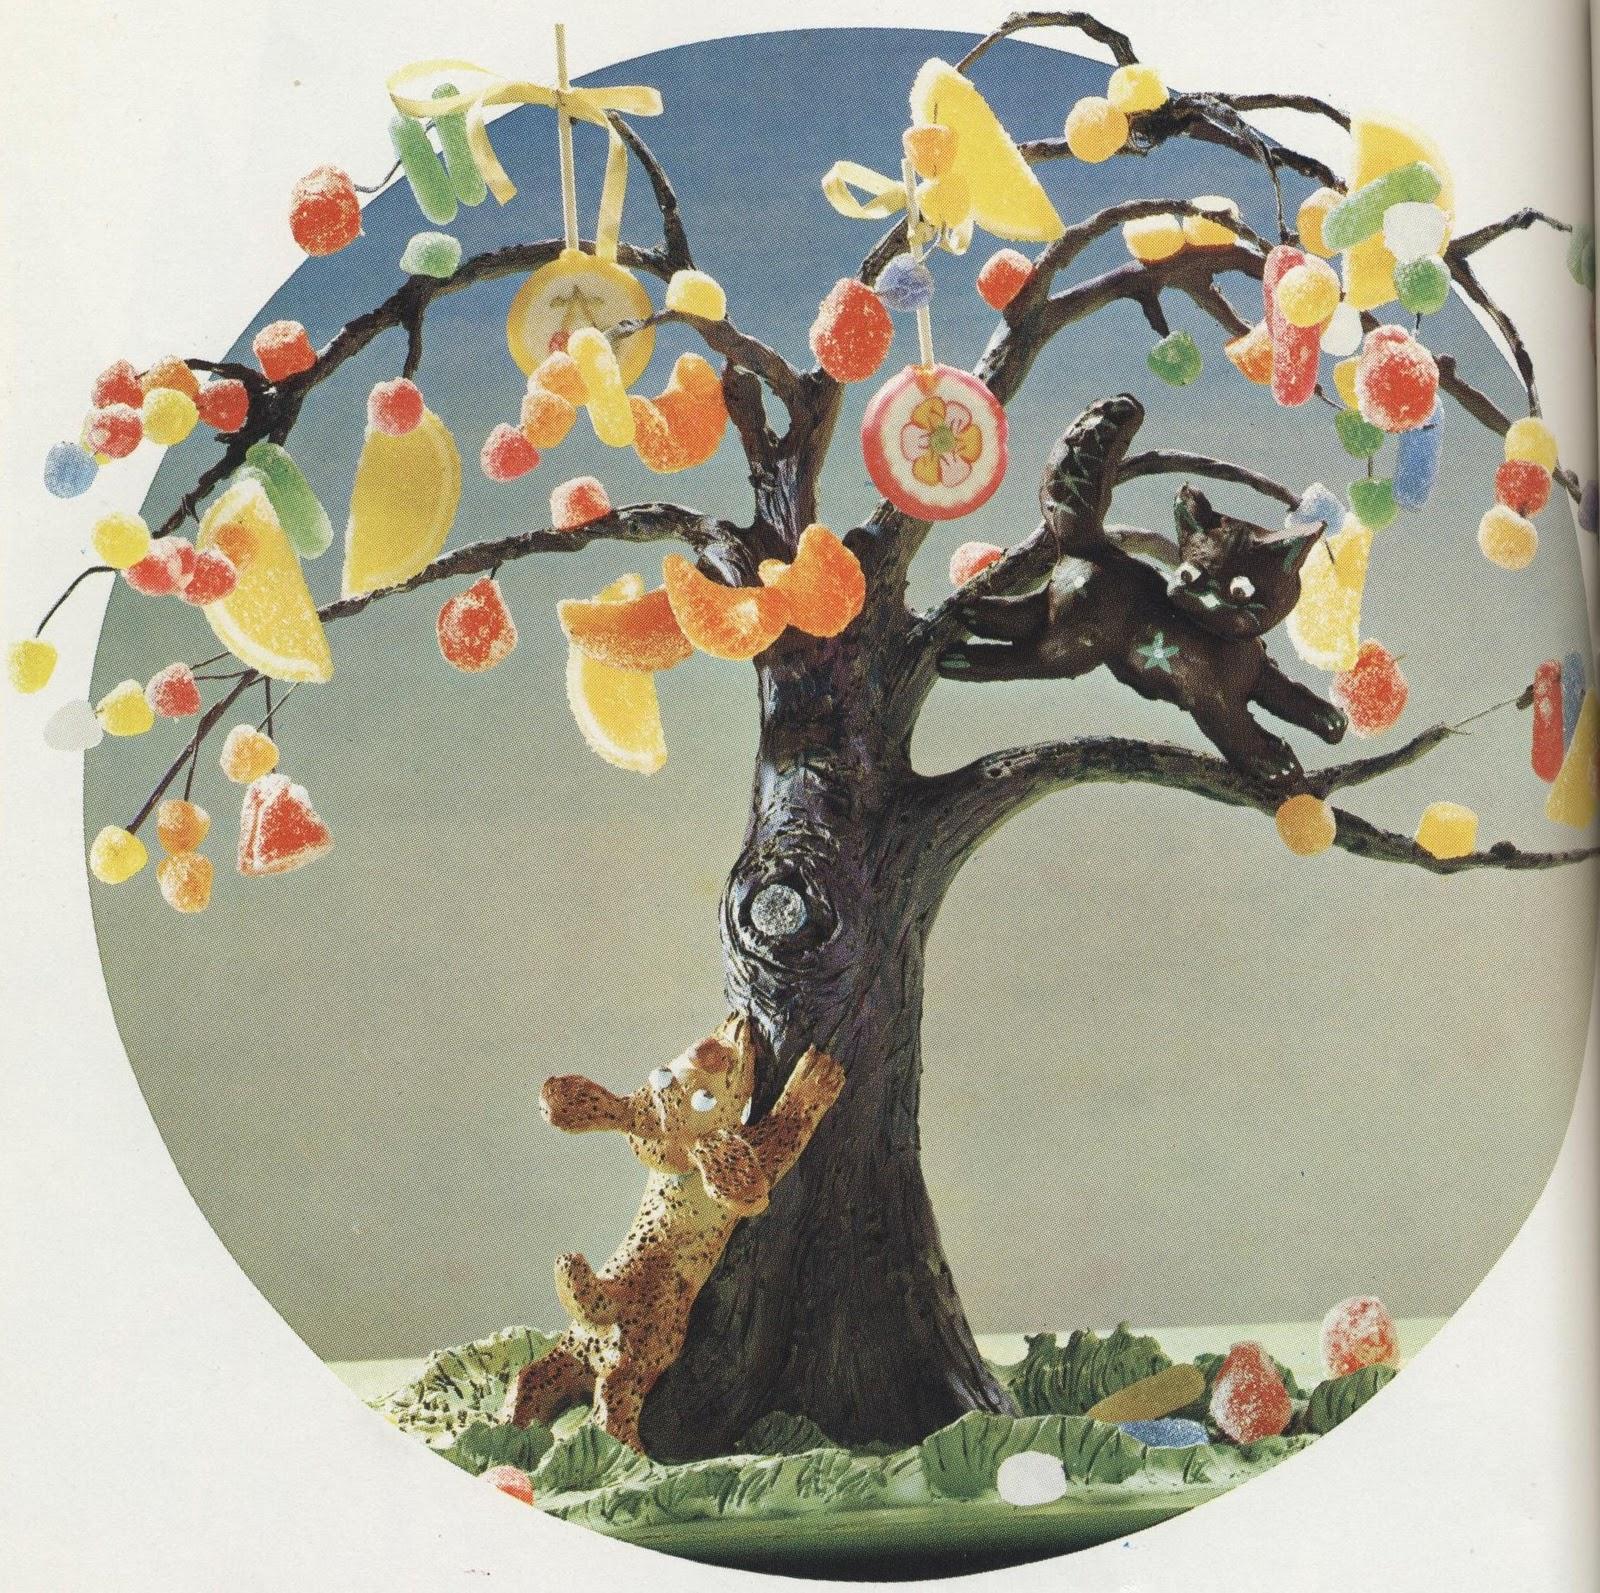 Voglio una mela blu l 39 albero meraviglioso come costruire - Voglio costruire una casa ...